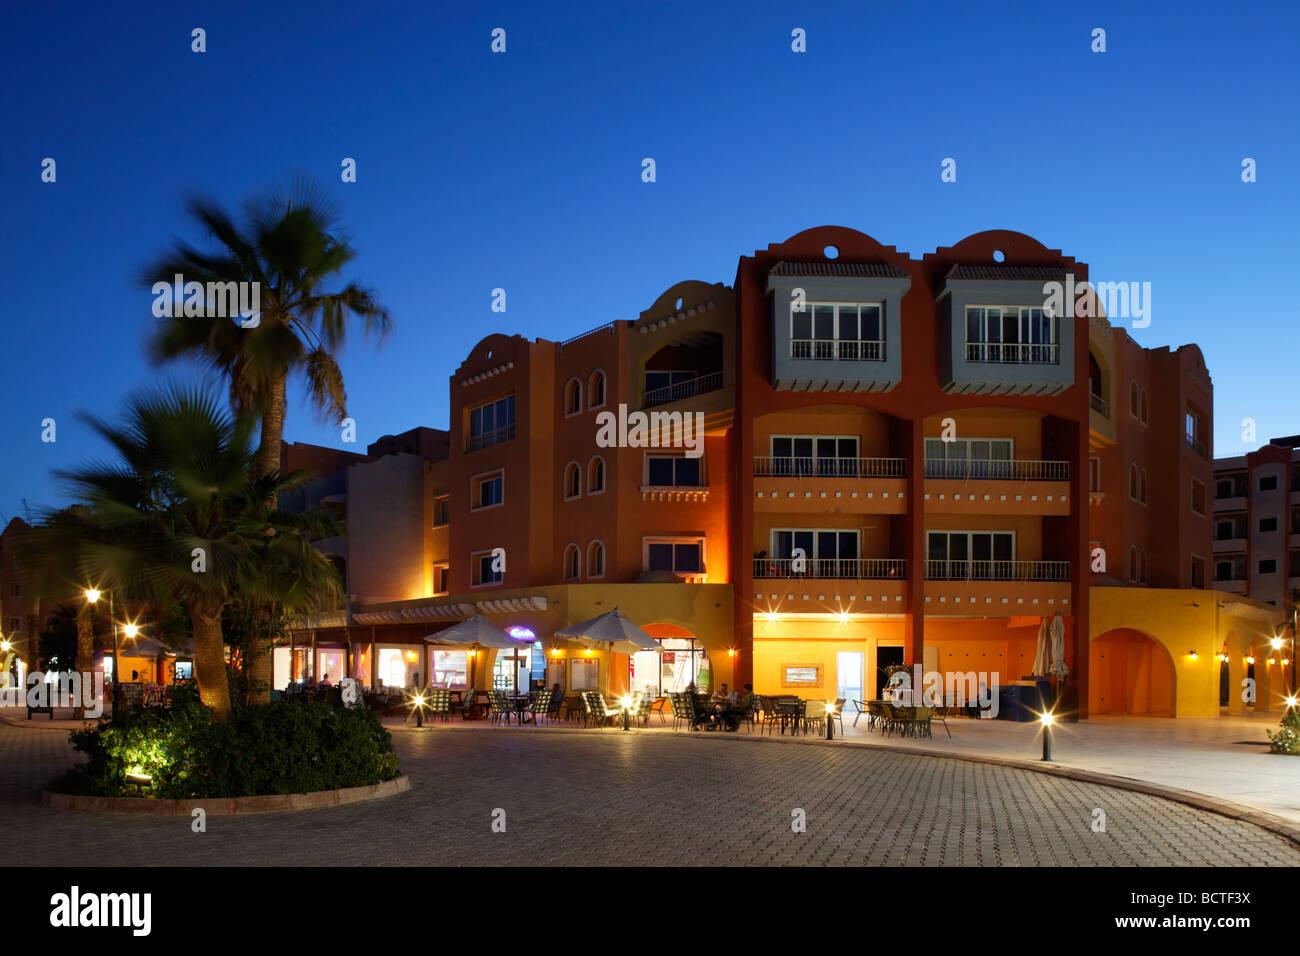 Maisons avec pubs, éclairé, soir, Marina, Hurghada, Egypte, Mer Rouge, Afrique Photo Stock